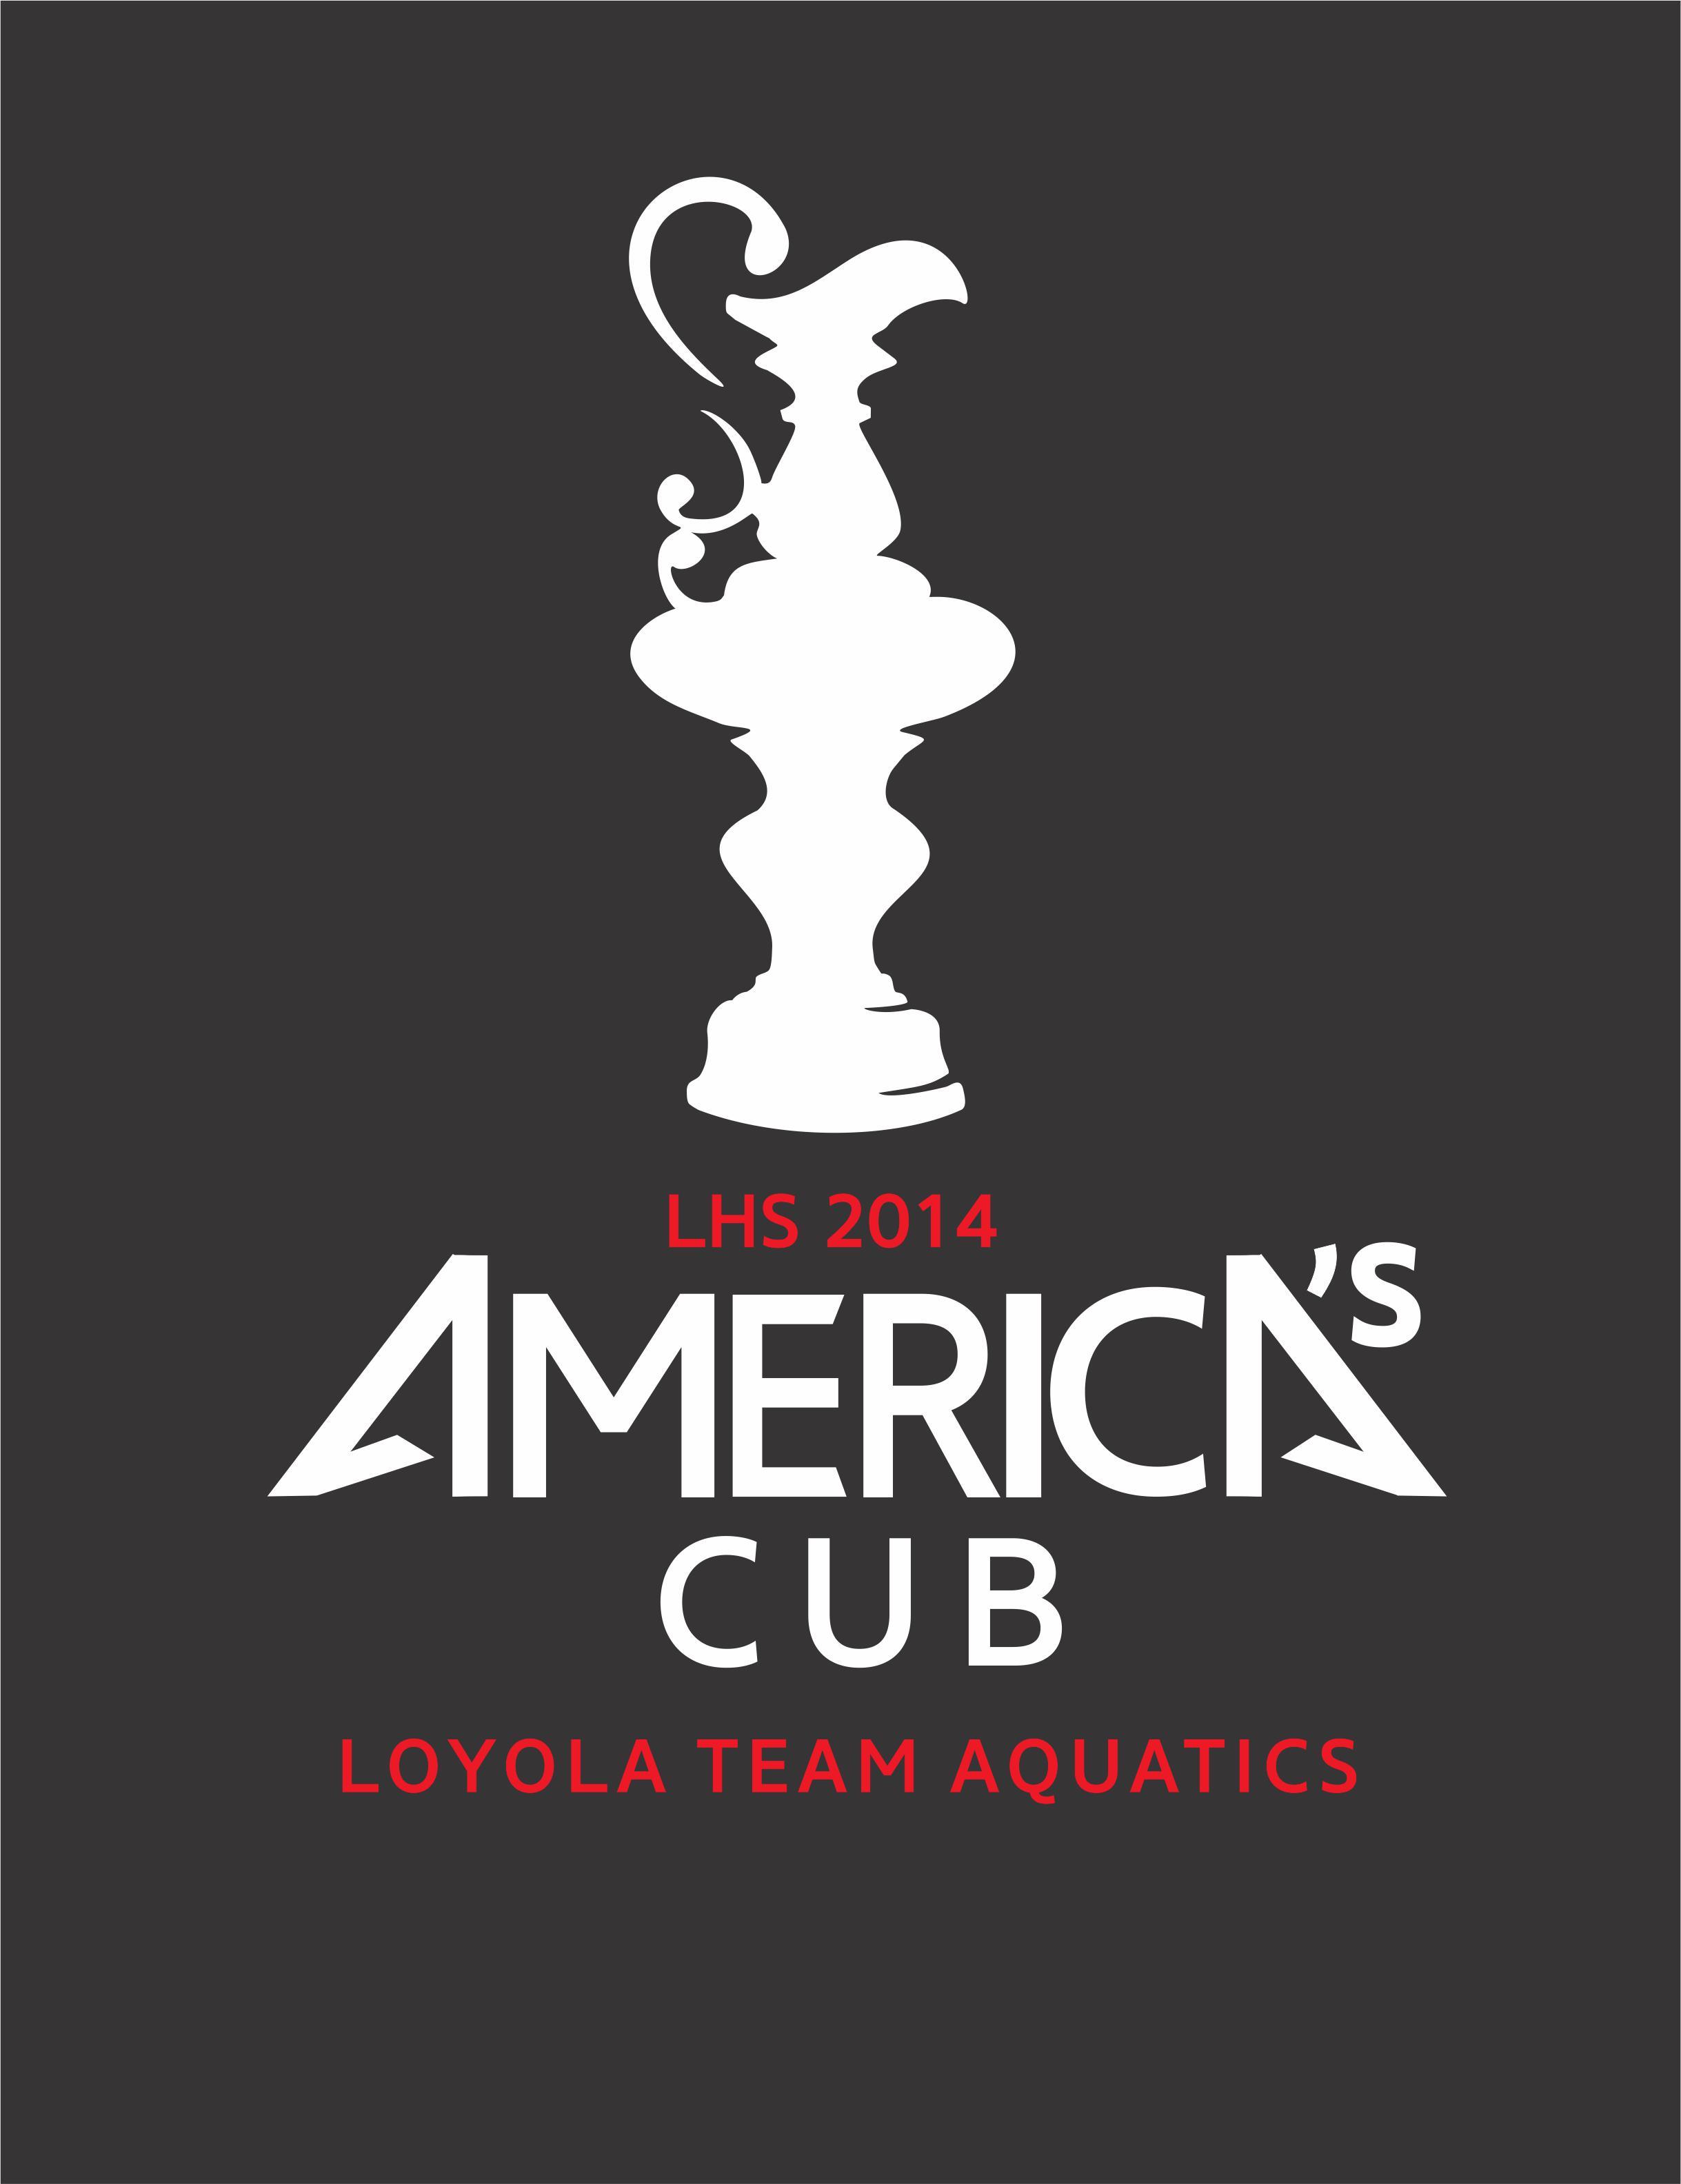 AMERICAS CUB LOGO -2.jpg